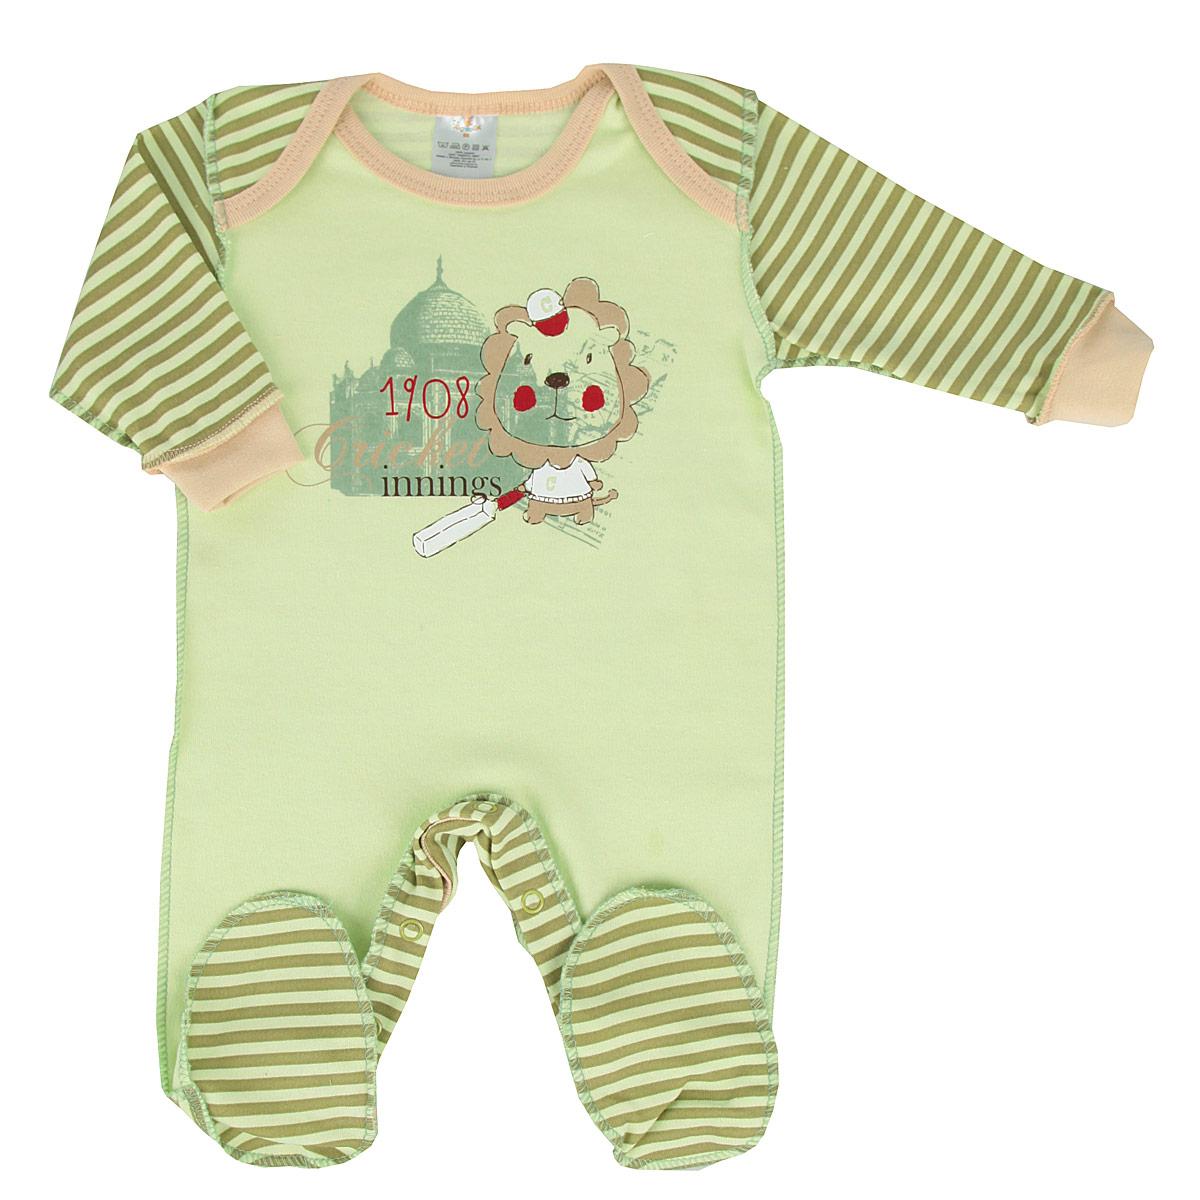 Комбинезон для мальчика КотМарКот, цвет: оливковый, светло-зеленый. 6183. Размер 62, 1-3 месяца6183Детский комбинезон для мальчика КотМарКот - очень удобный и практичный вид одежды для малышей. Комбинезон выполнен из натурального хлопка, благодаря чему он необычайно мягкий и приятный на ощупь, не раздражает нежную кожу ребенка, хорошо вентилируется, и не препятствует его движениям. Комбинезон с длинными рукавами и закрытыми ножками имеет удобные запахи на плечах и застегивается при помощи ряда кнопок по внутреннему шву штанин, что помогает легко переодеть младенца и сменить подгузник. Рукава дополнены широкими трикотажными манжетами, которые мягко обхватывают запястья.Комбинезон декорирован принтом в полоску и оформлен изображением очаровательного львенка-спортсмена. С этим детским комбинезоном спинка и ножки вашего малыша всегда будут в тепле, он идеален для использования днем и незаменим ночью. Комбинезон полностью соответствует особенностям жизни младенца в ранний период, не стесняя и не ограничивая его в движениях!